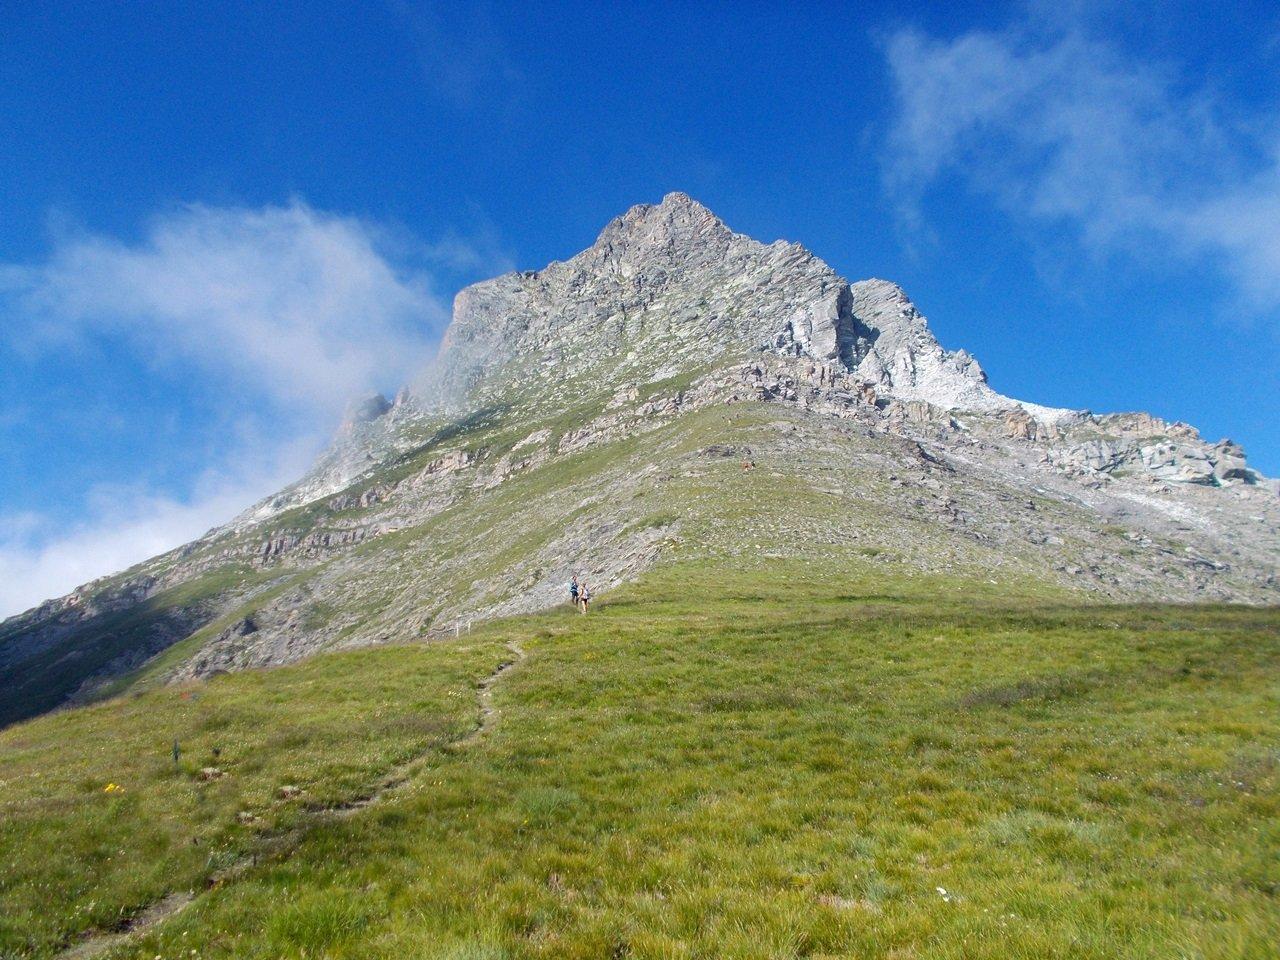 Pelvo d'Elva dal Colle della Bicocca, anello per il Monte Camoscere 2019-08-04